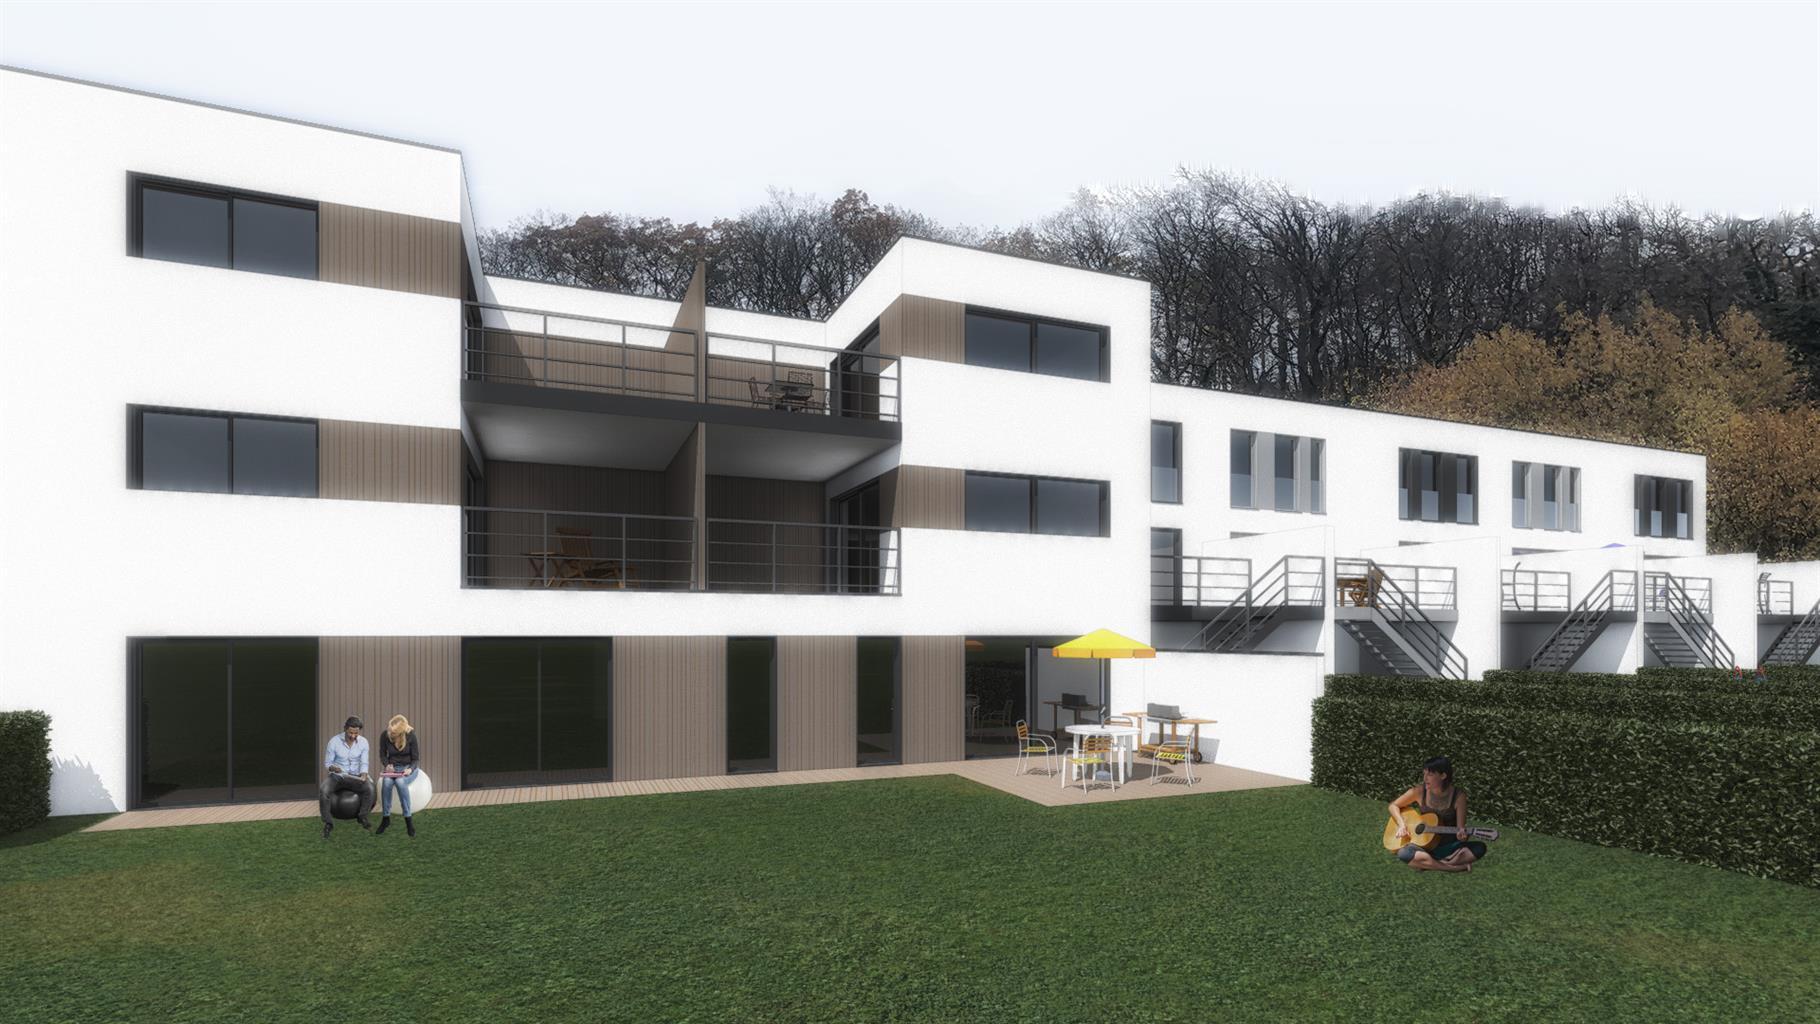 Terrain à bâtir (projets) - Liège Jupille-sur-Meuse - #4447739-2